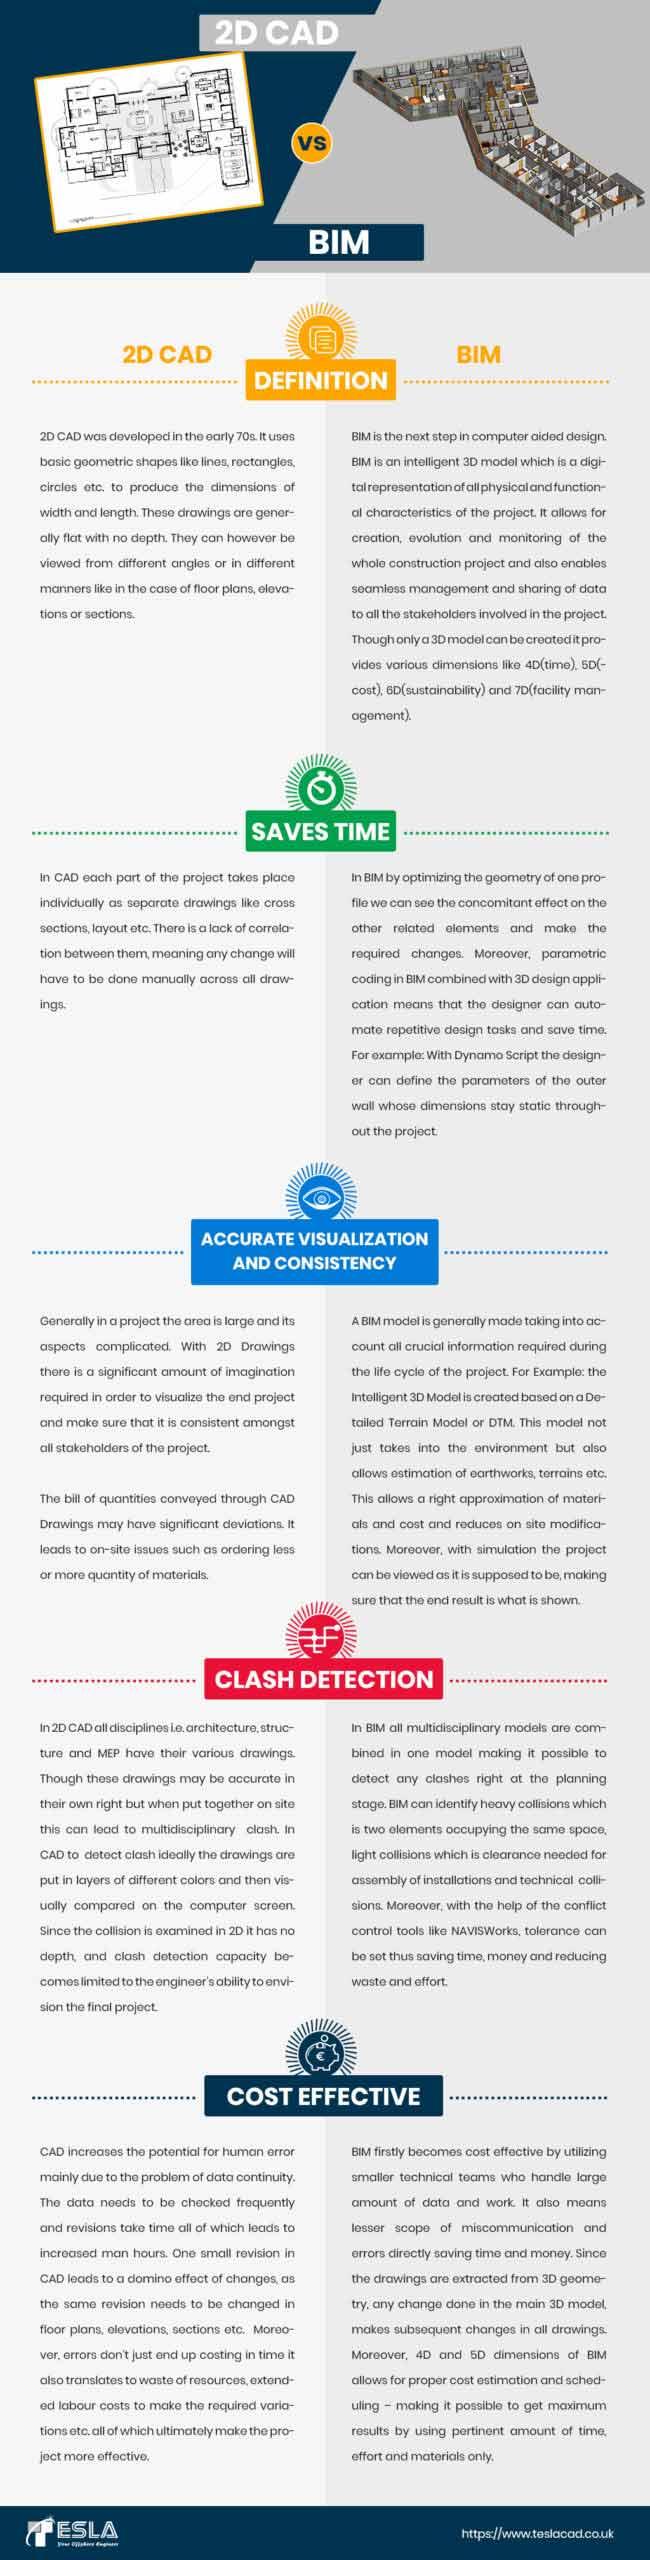 A comparative study between 2D CAD and BIM